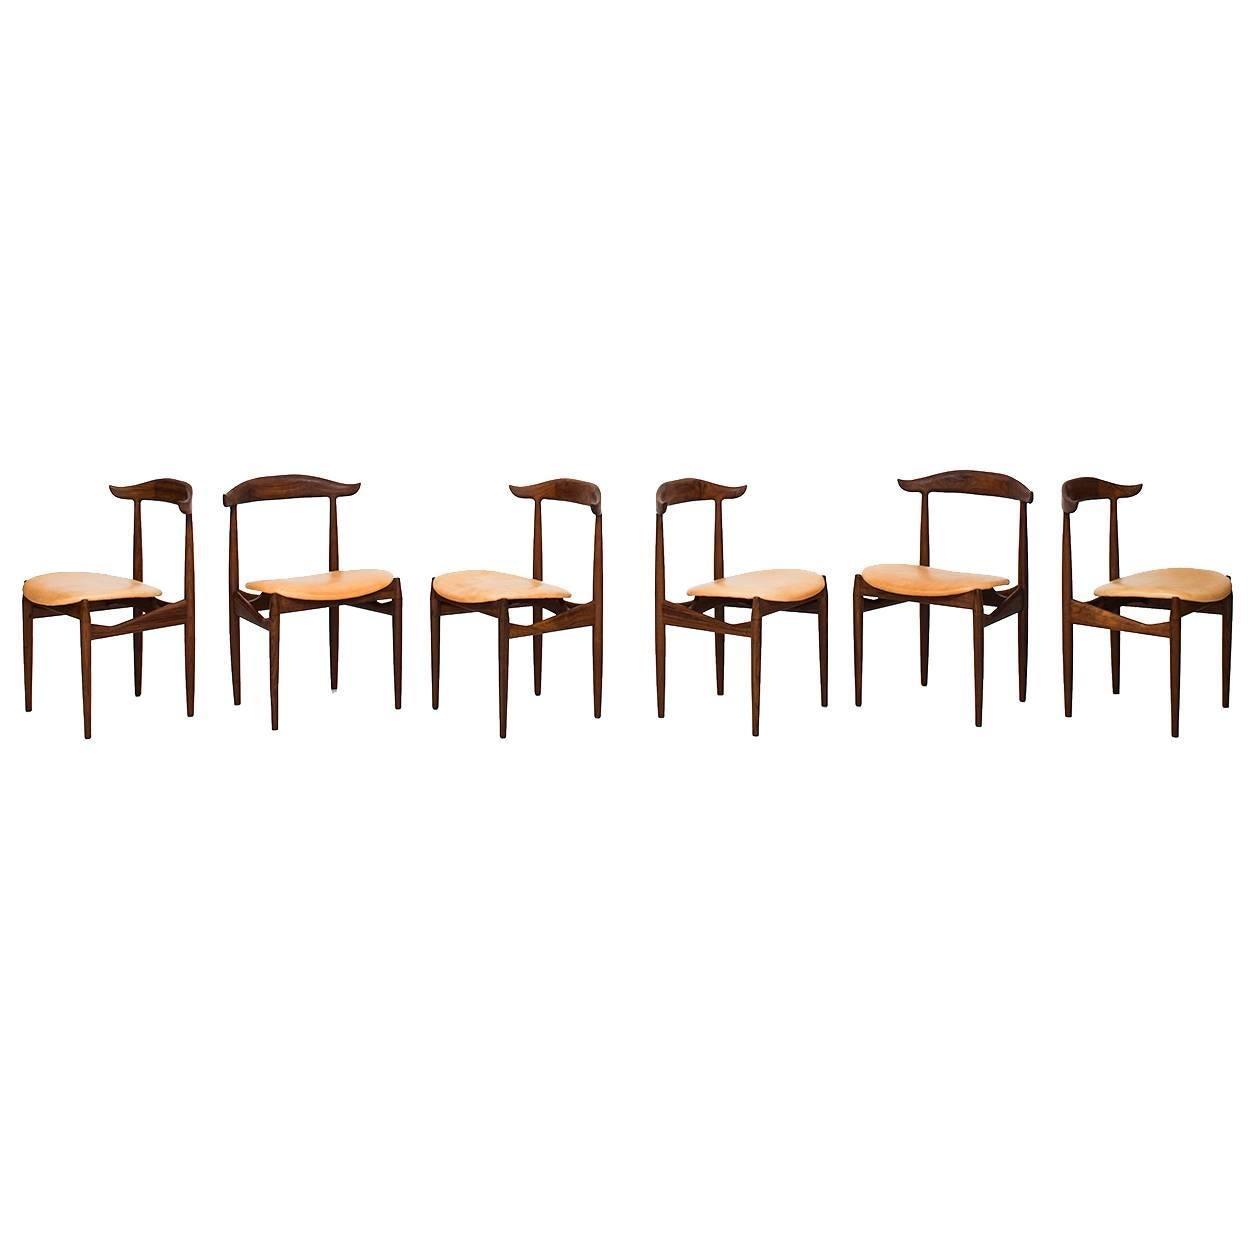 Knud Færch Dining Chairs Model 215 by Slagelse Møbelværk in Denmark